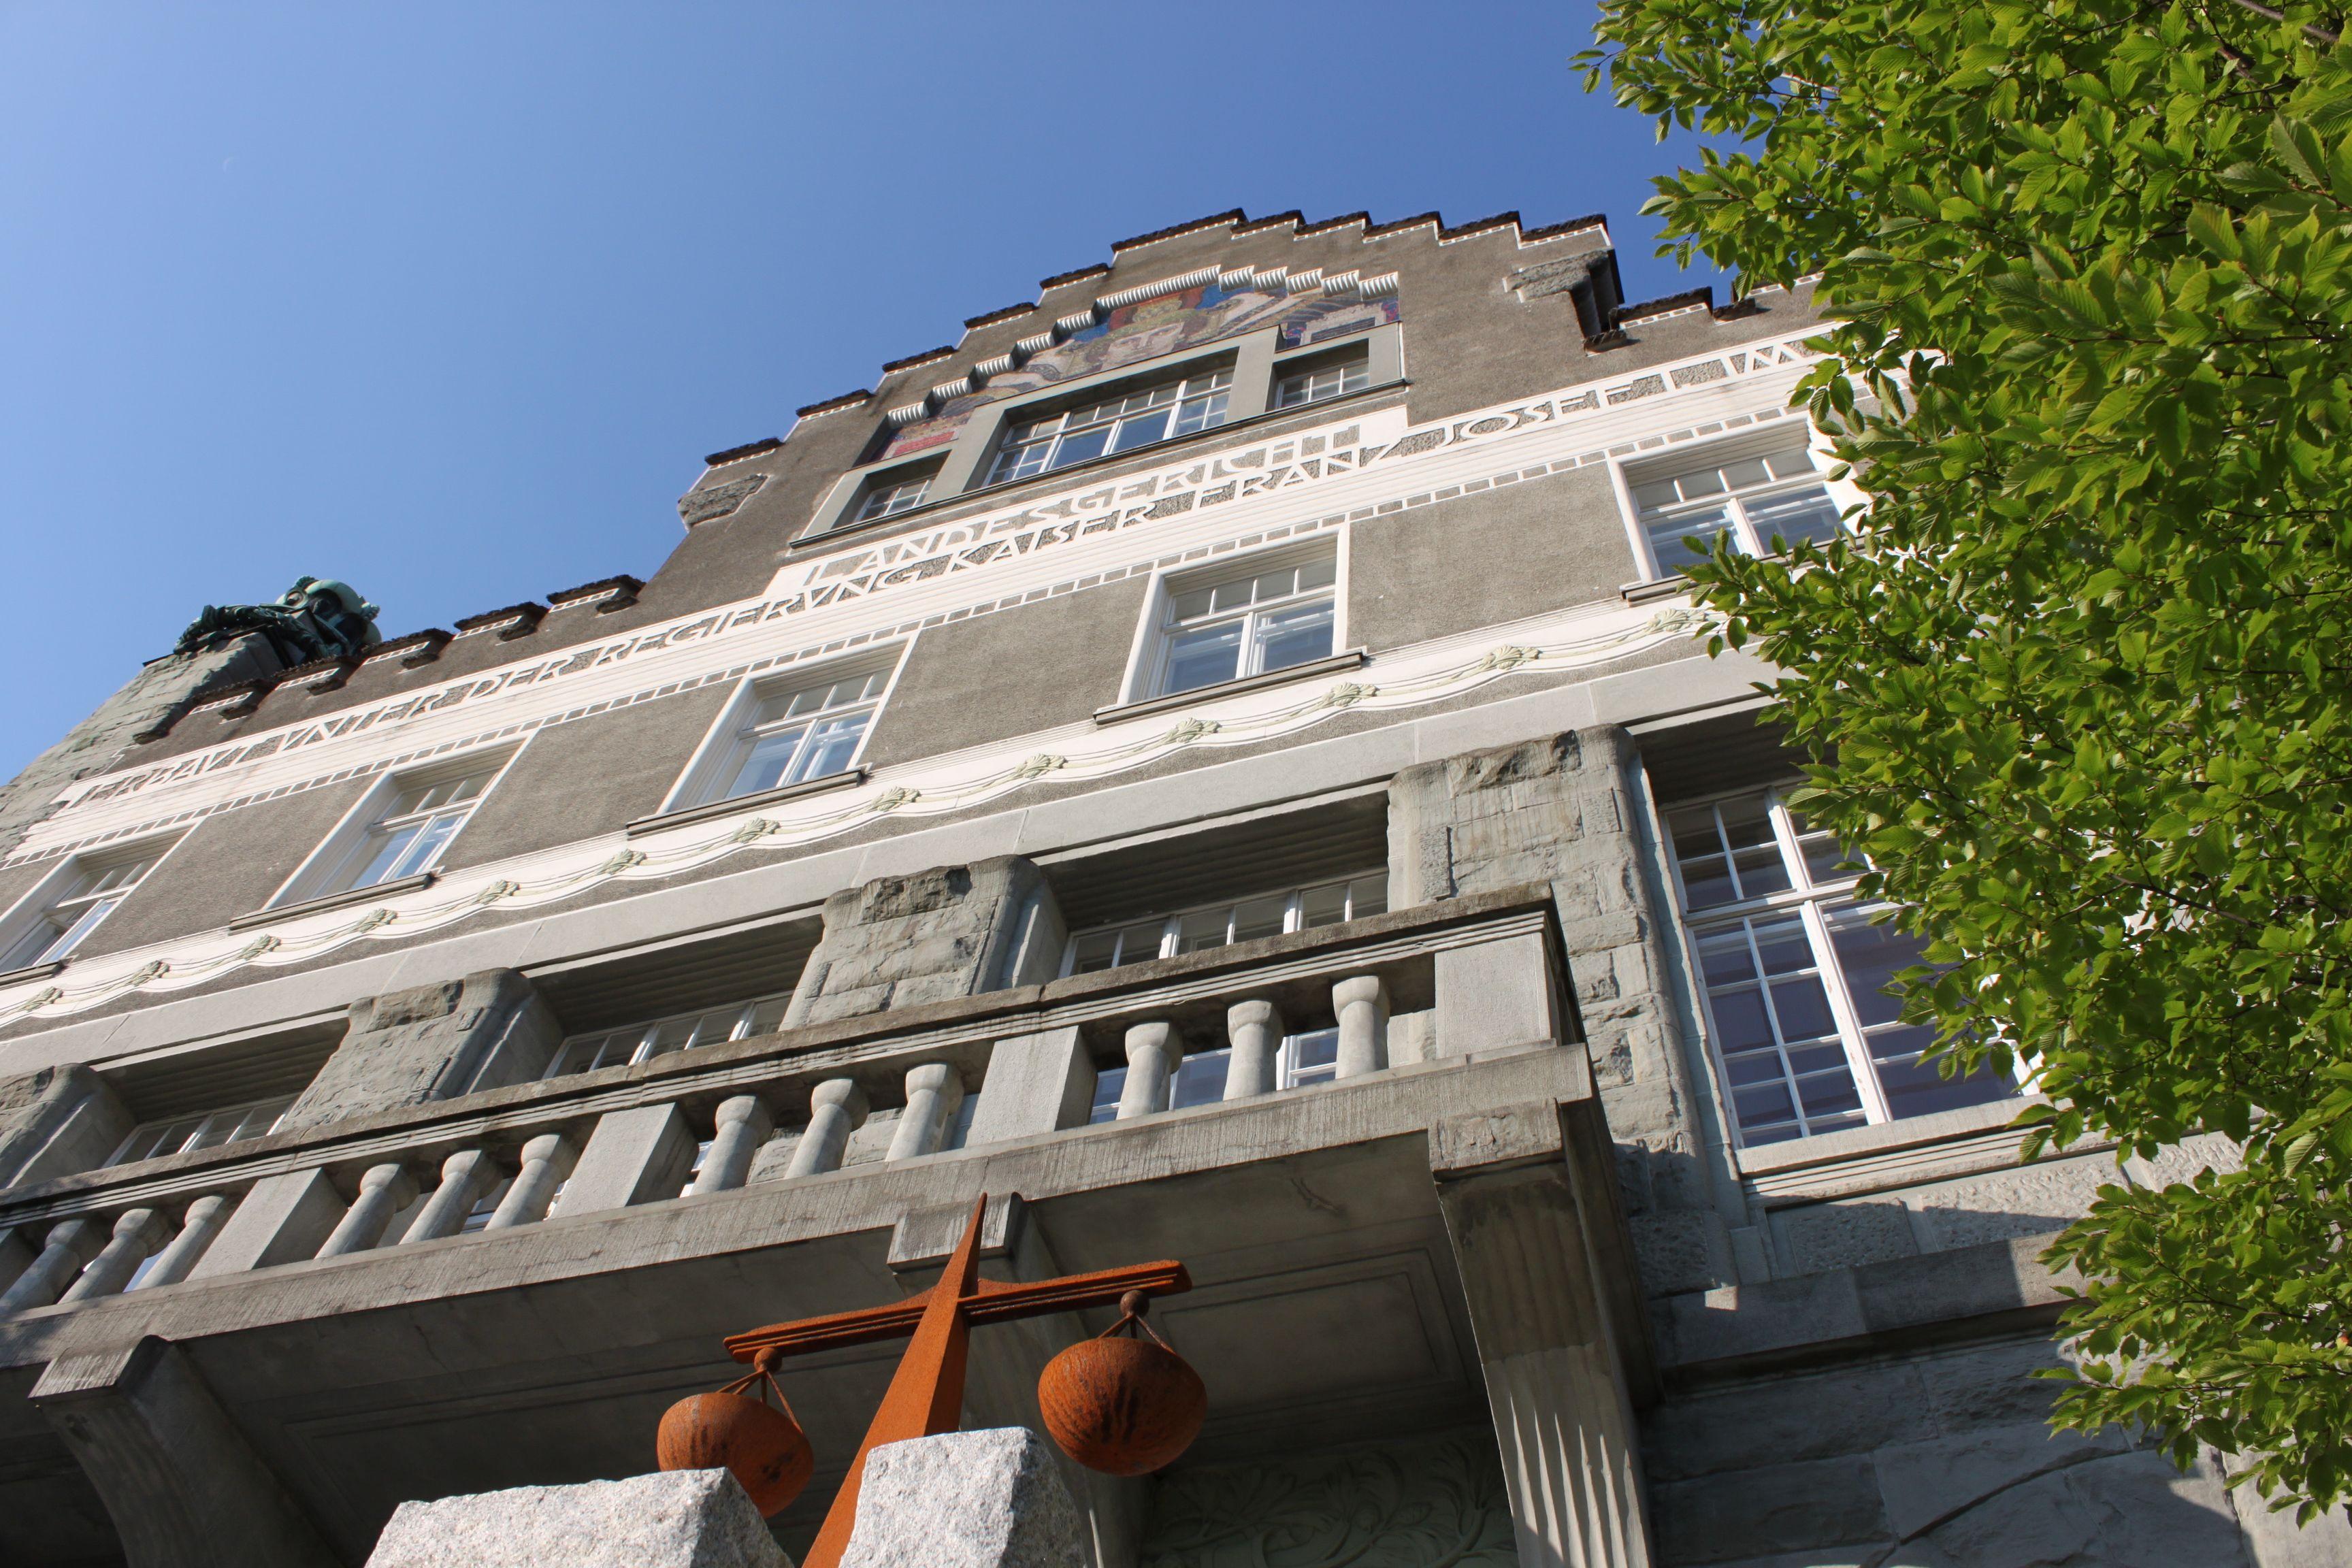 Restaurantleiter steckte knapp 12.000 Euro ein